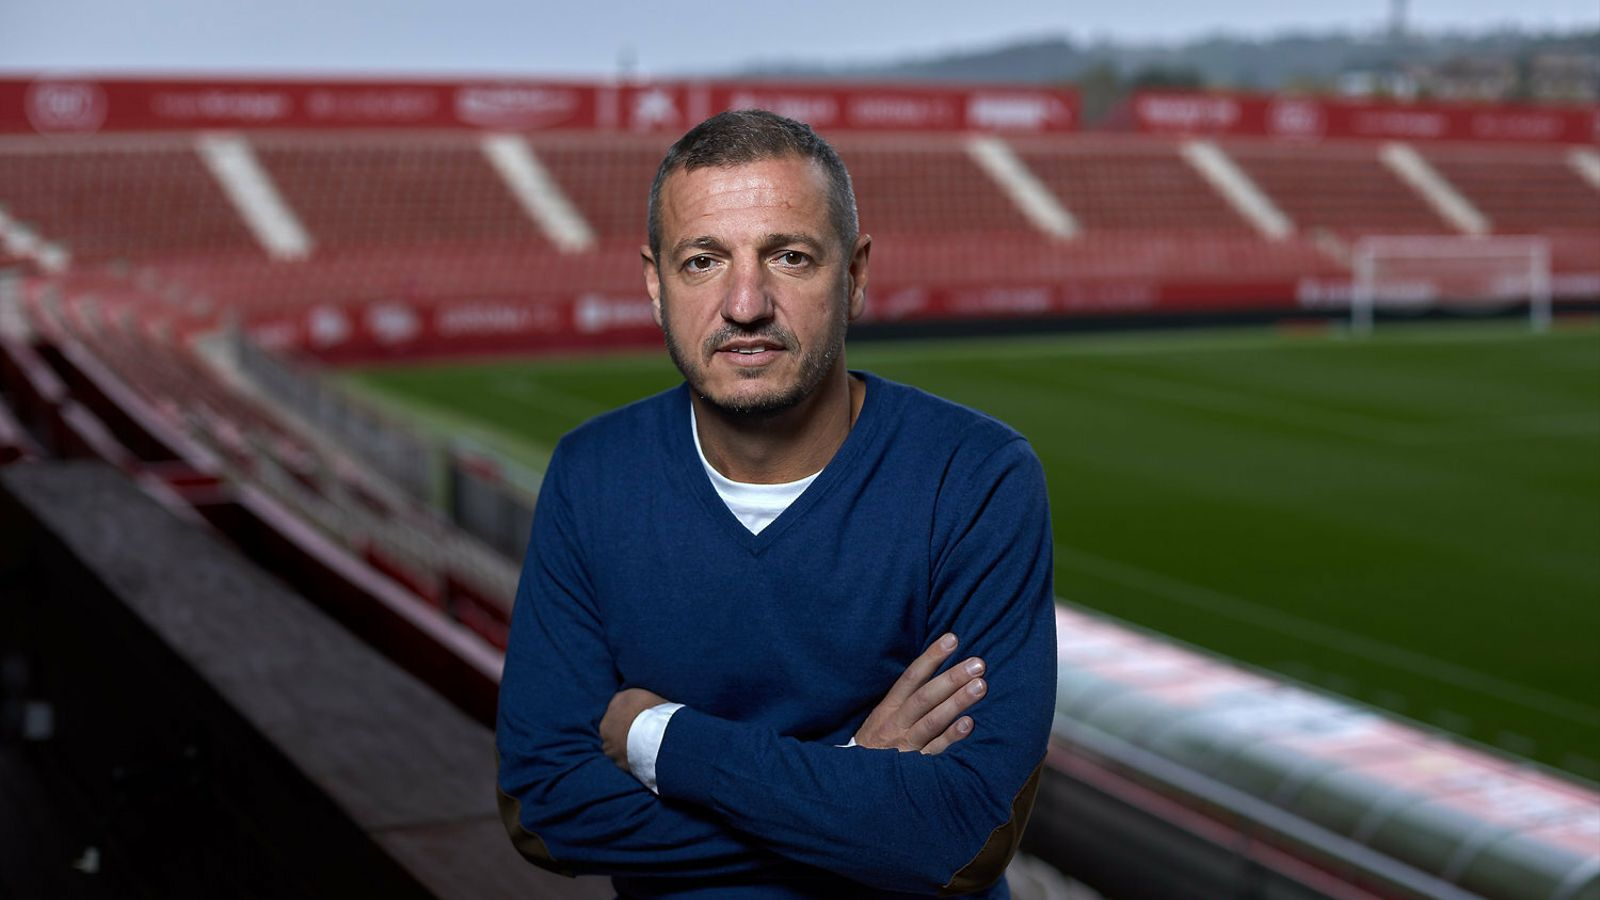 Quique Cárcel, secretari tècnic del Girona, a les graderies de l'estadi de Montilivi.